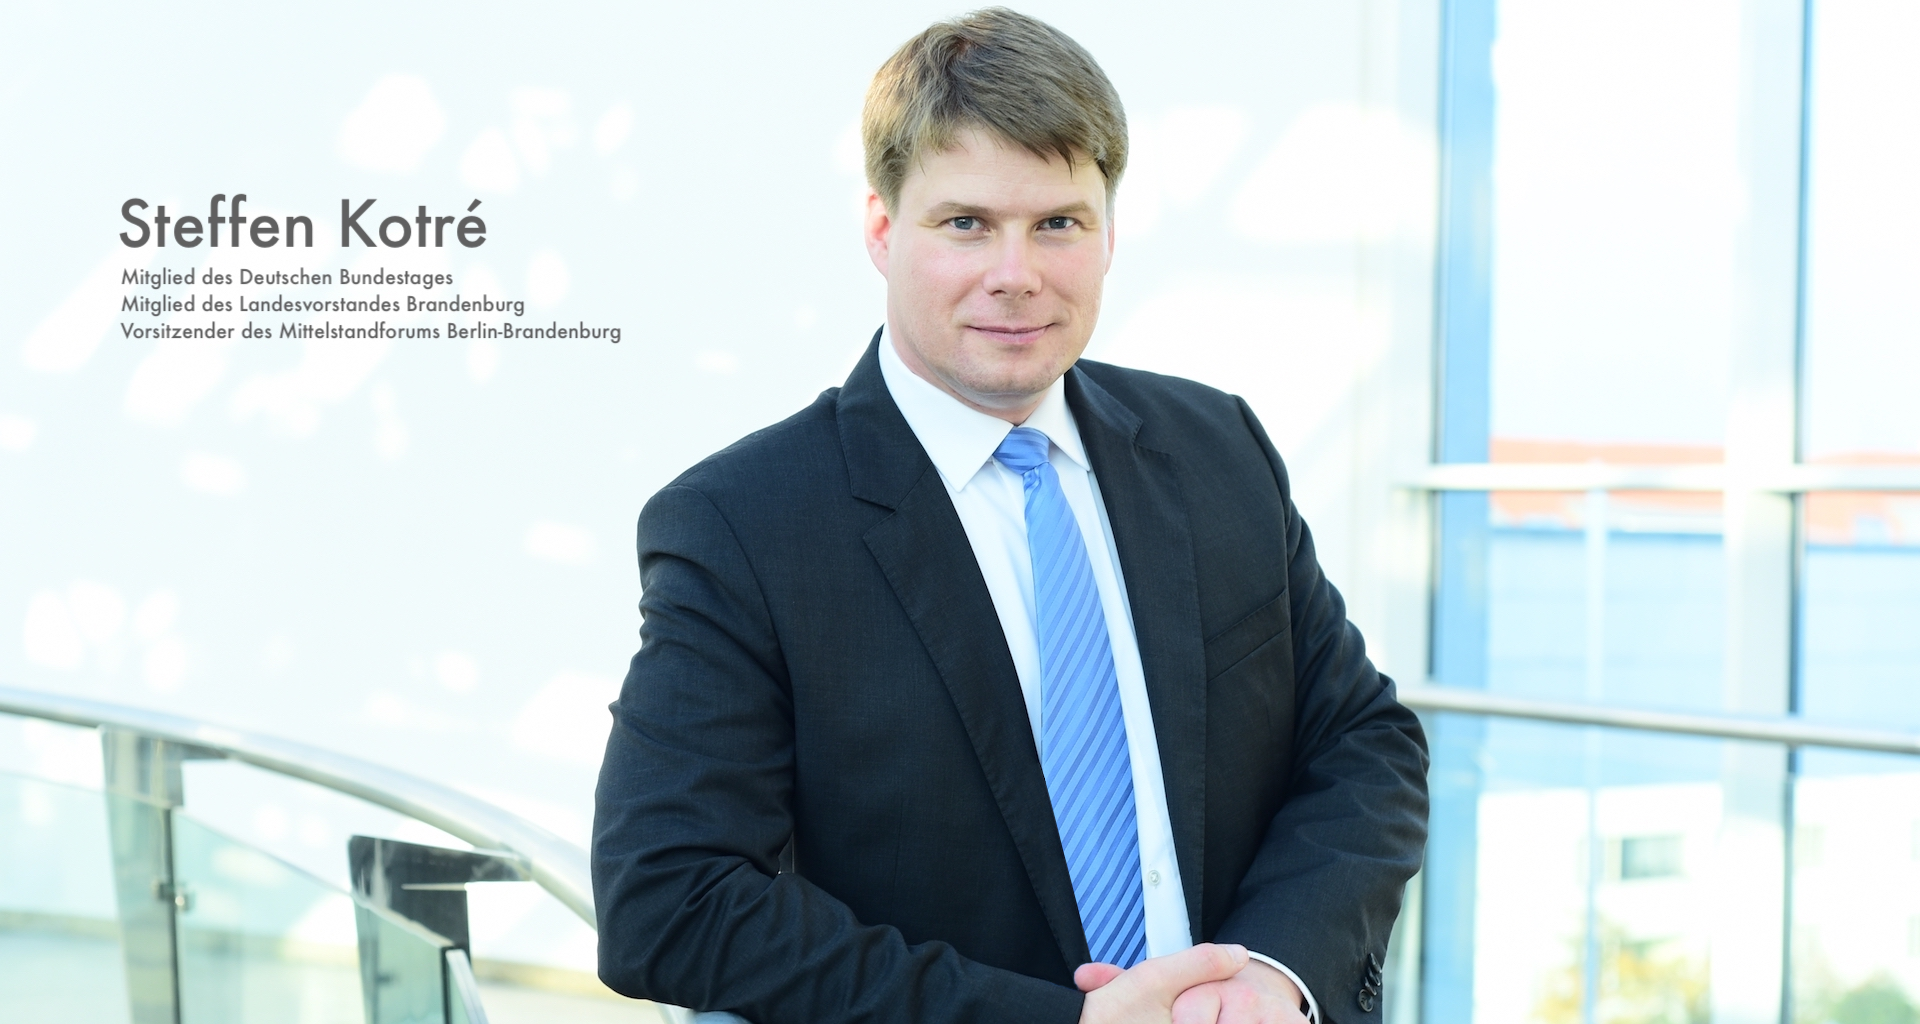 Steffen Kotré - Energiepolitik im Bundestag